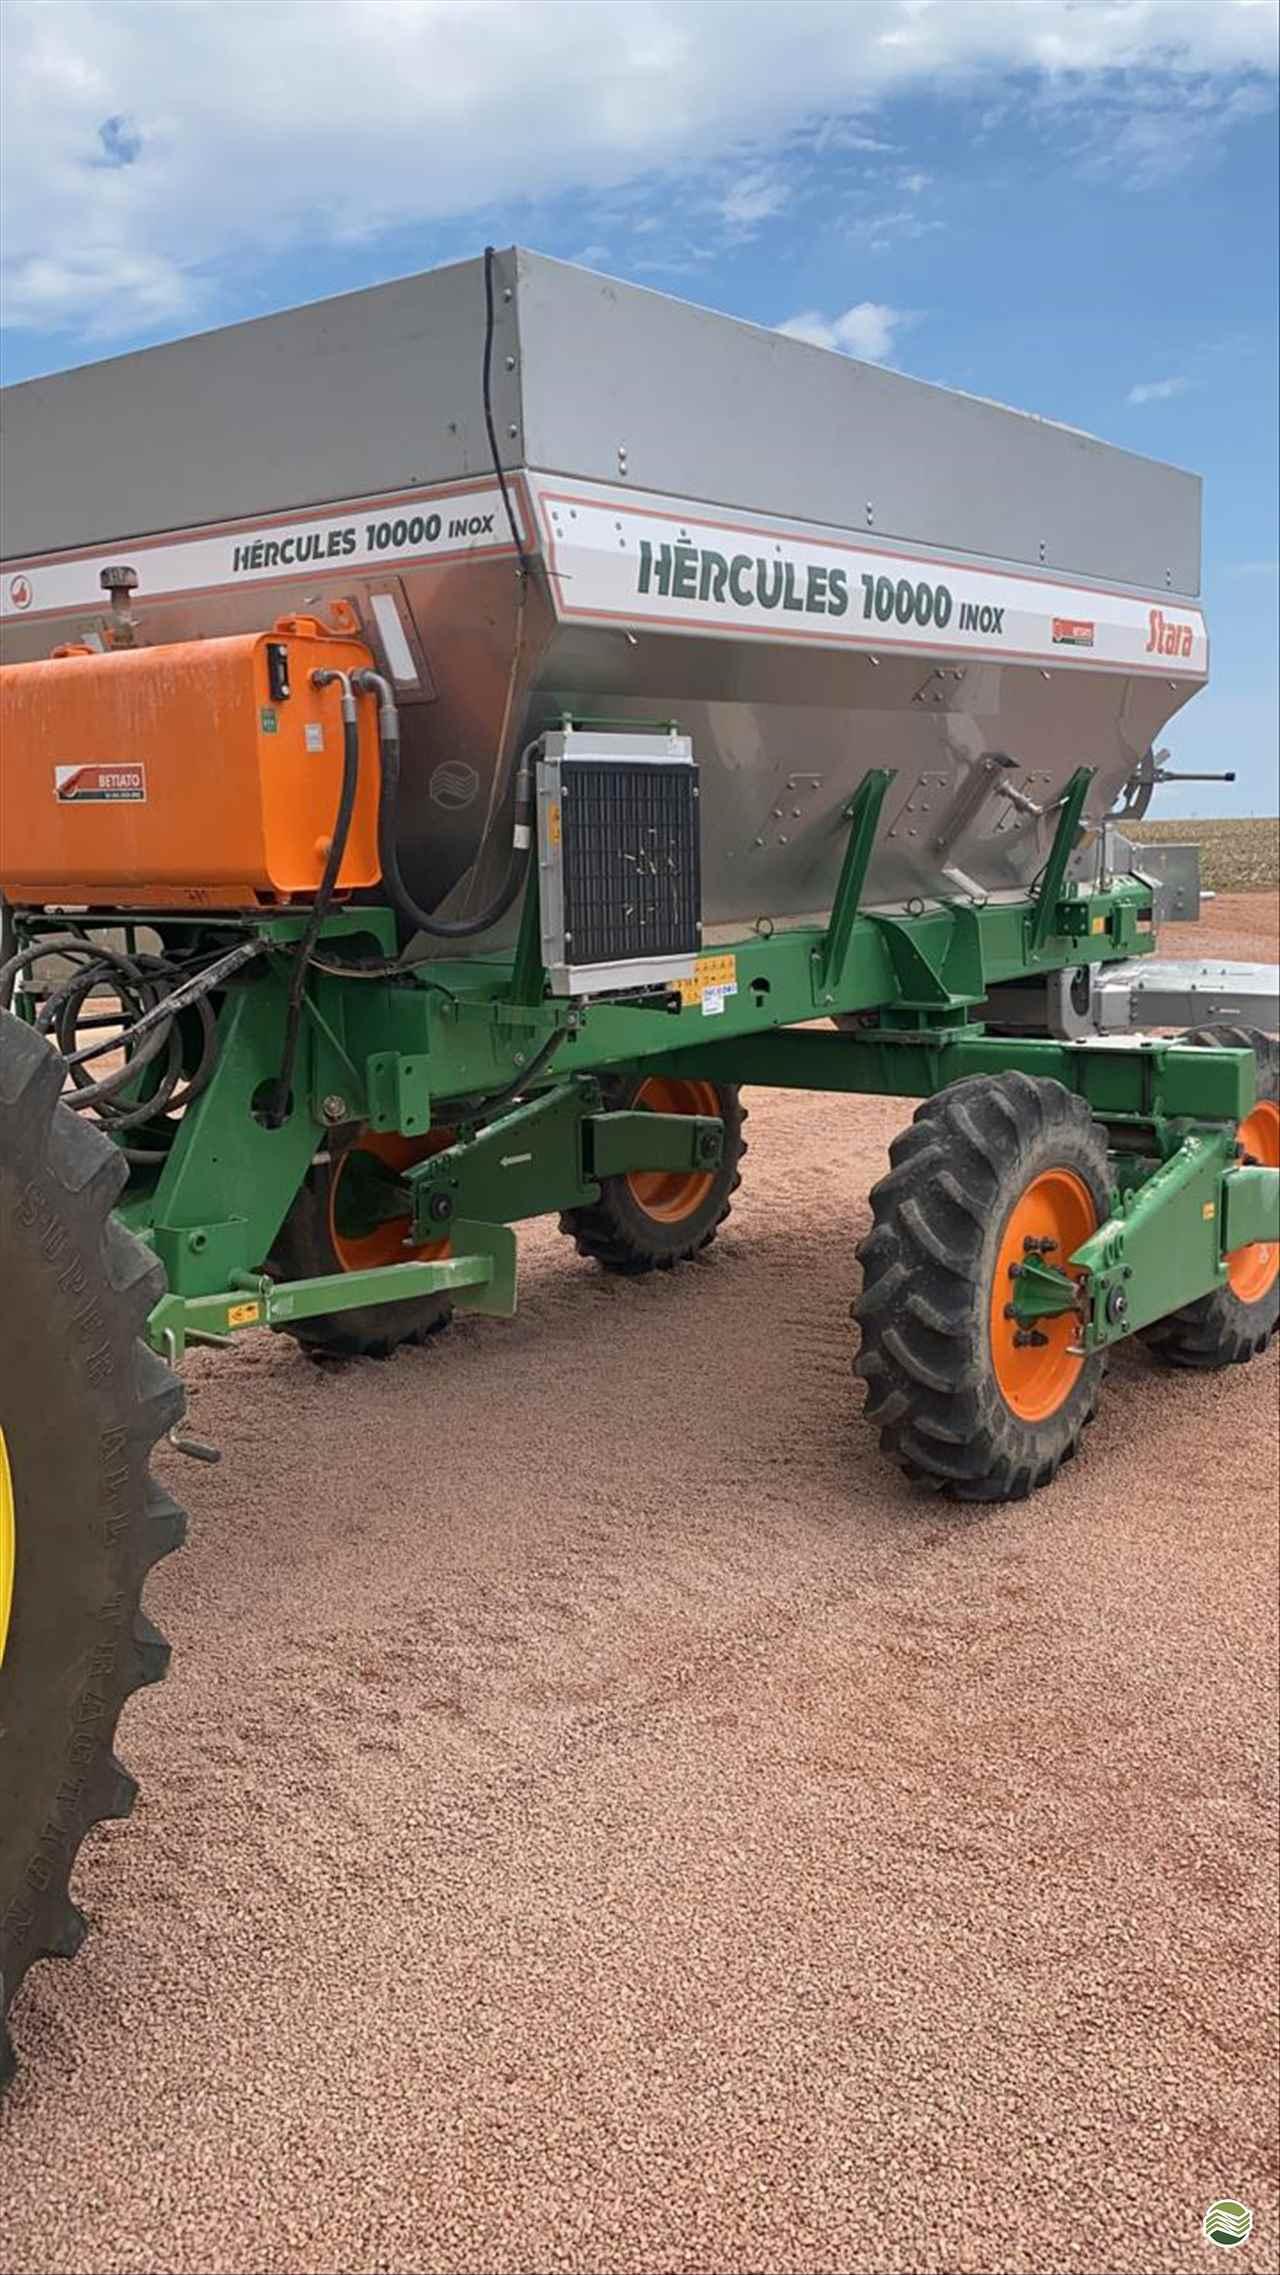 IMPLEMENTOS AGRICOLAS DISTRIBUIDOR CALCÁRIO 10000 Kg GPS Máquinas CAMPO VERDE MATO GROSSO MT